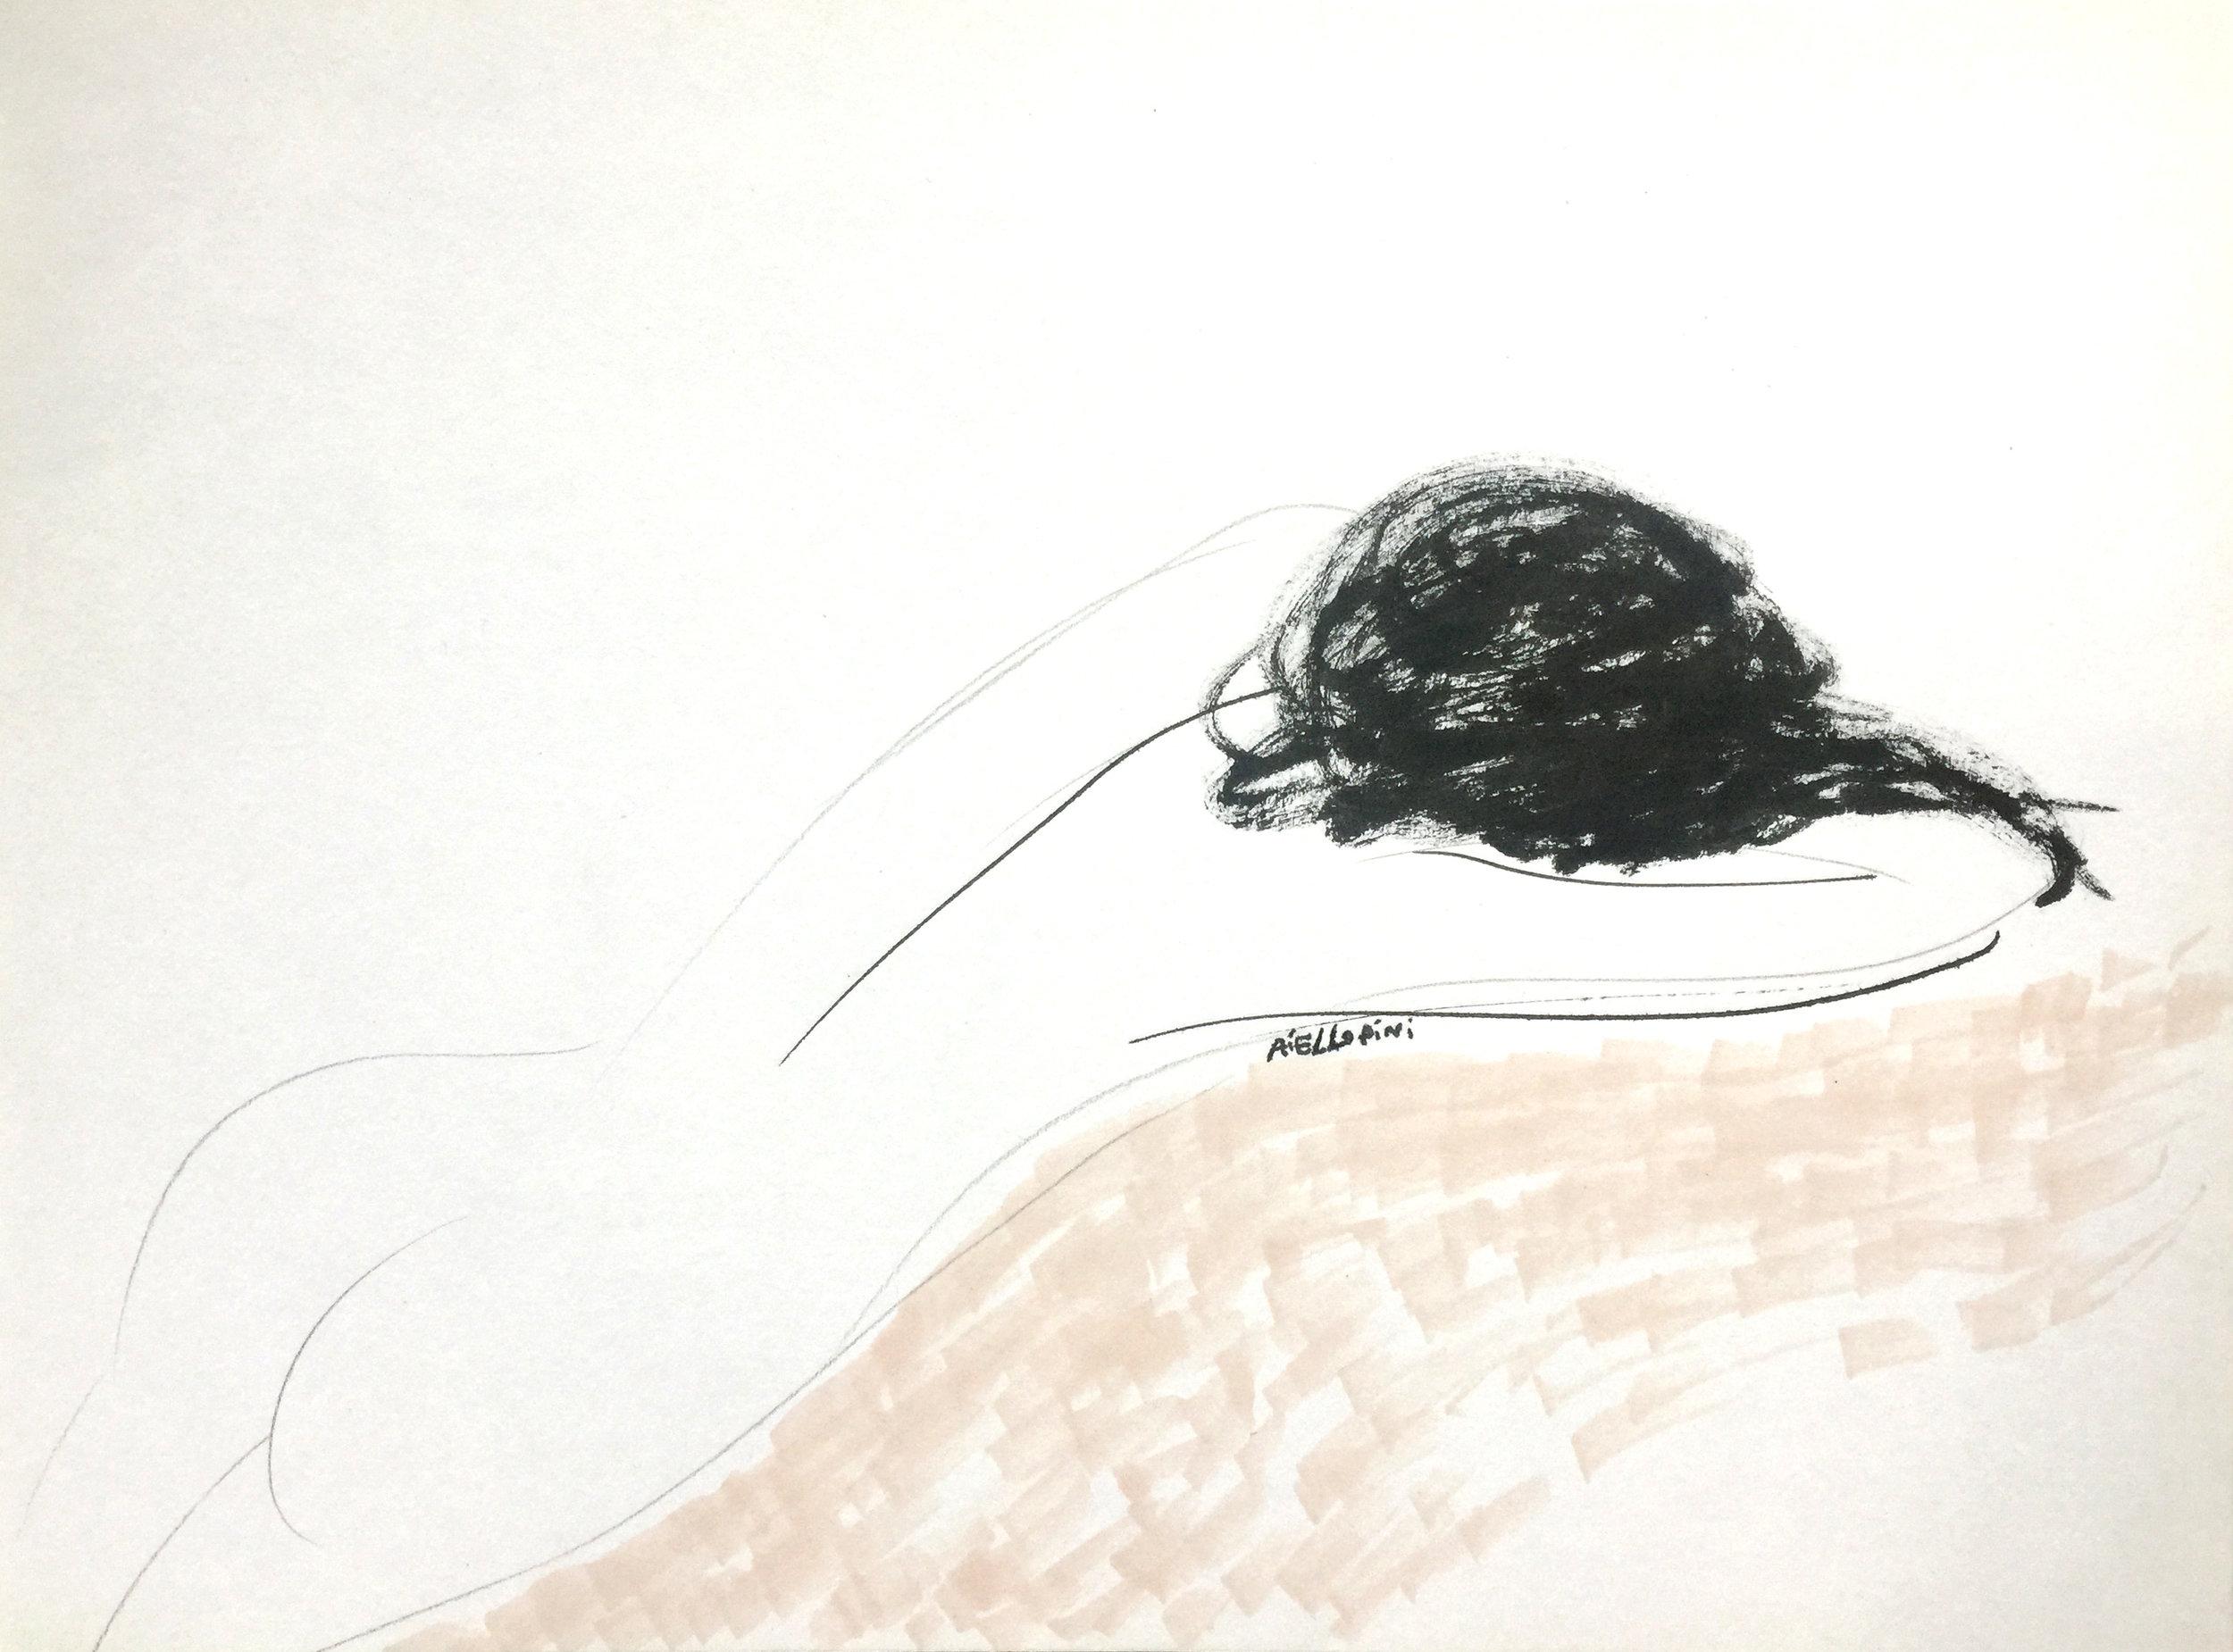 Deep dream - Federica Aiello Pini.jpg